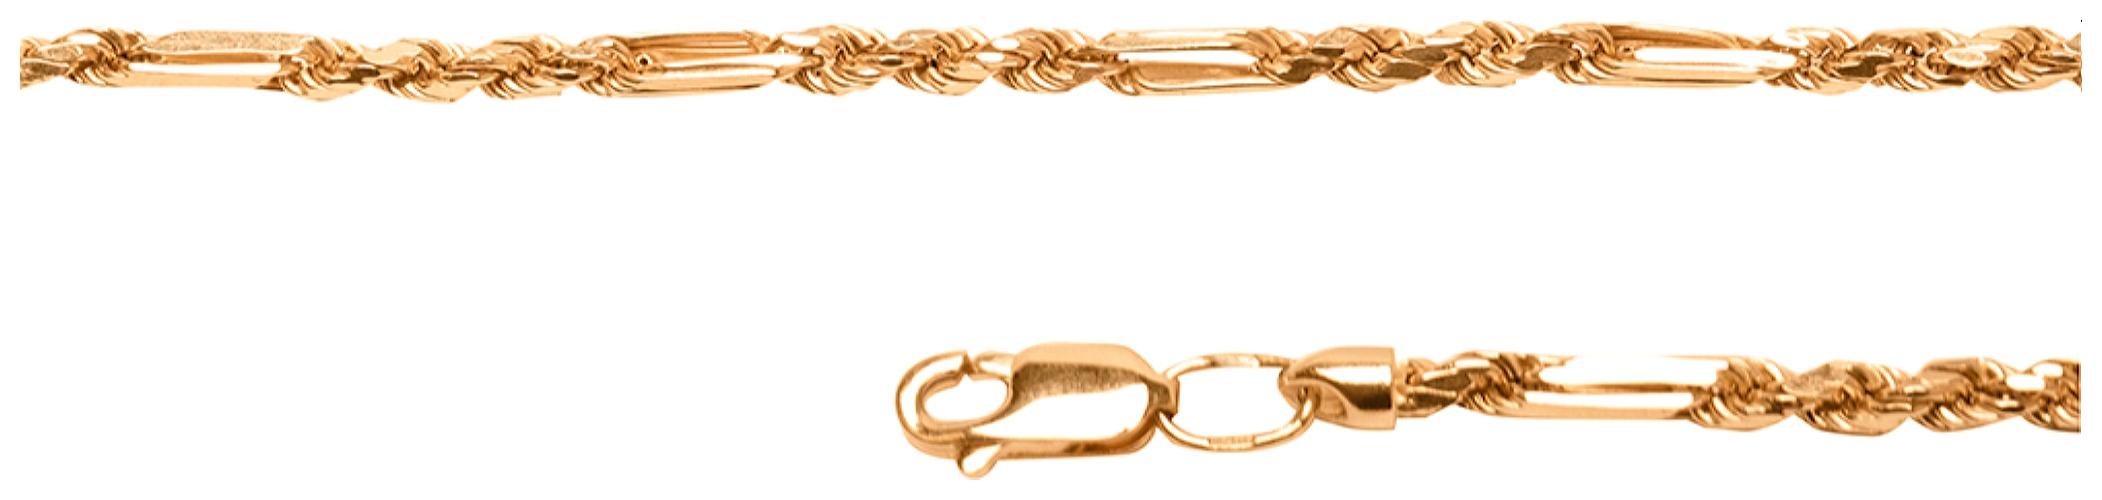 картинка цепь из золота 585° 31-01-0050-30203